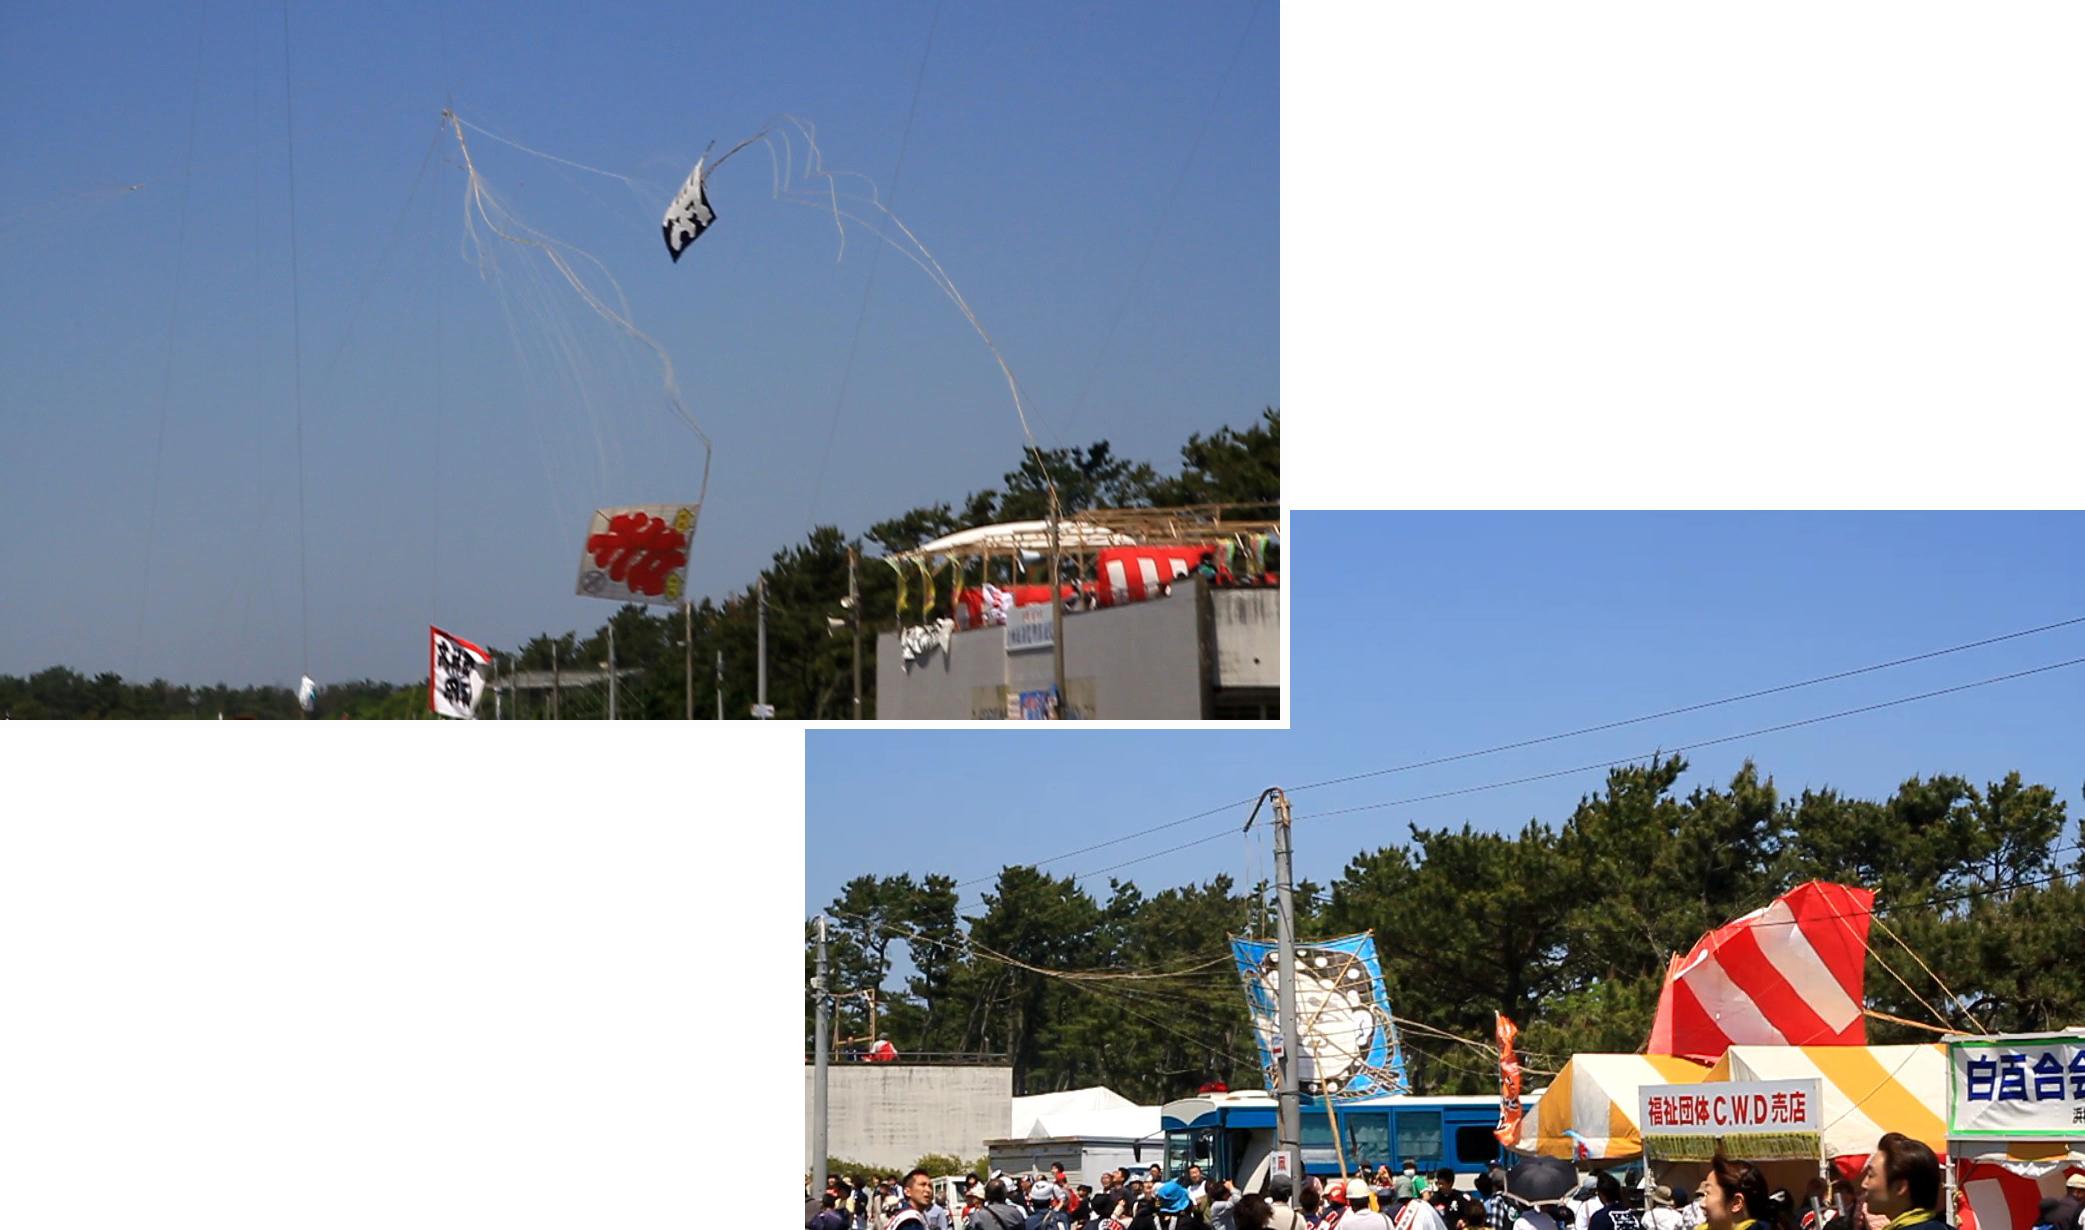 Kites crashing down